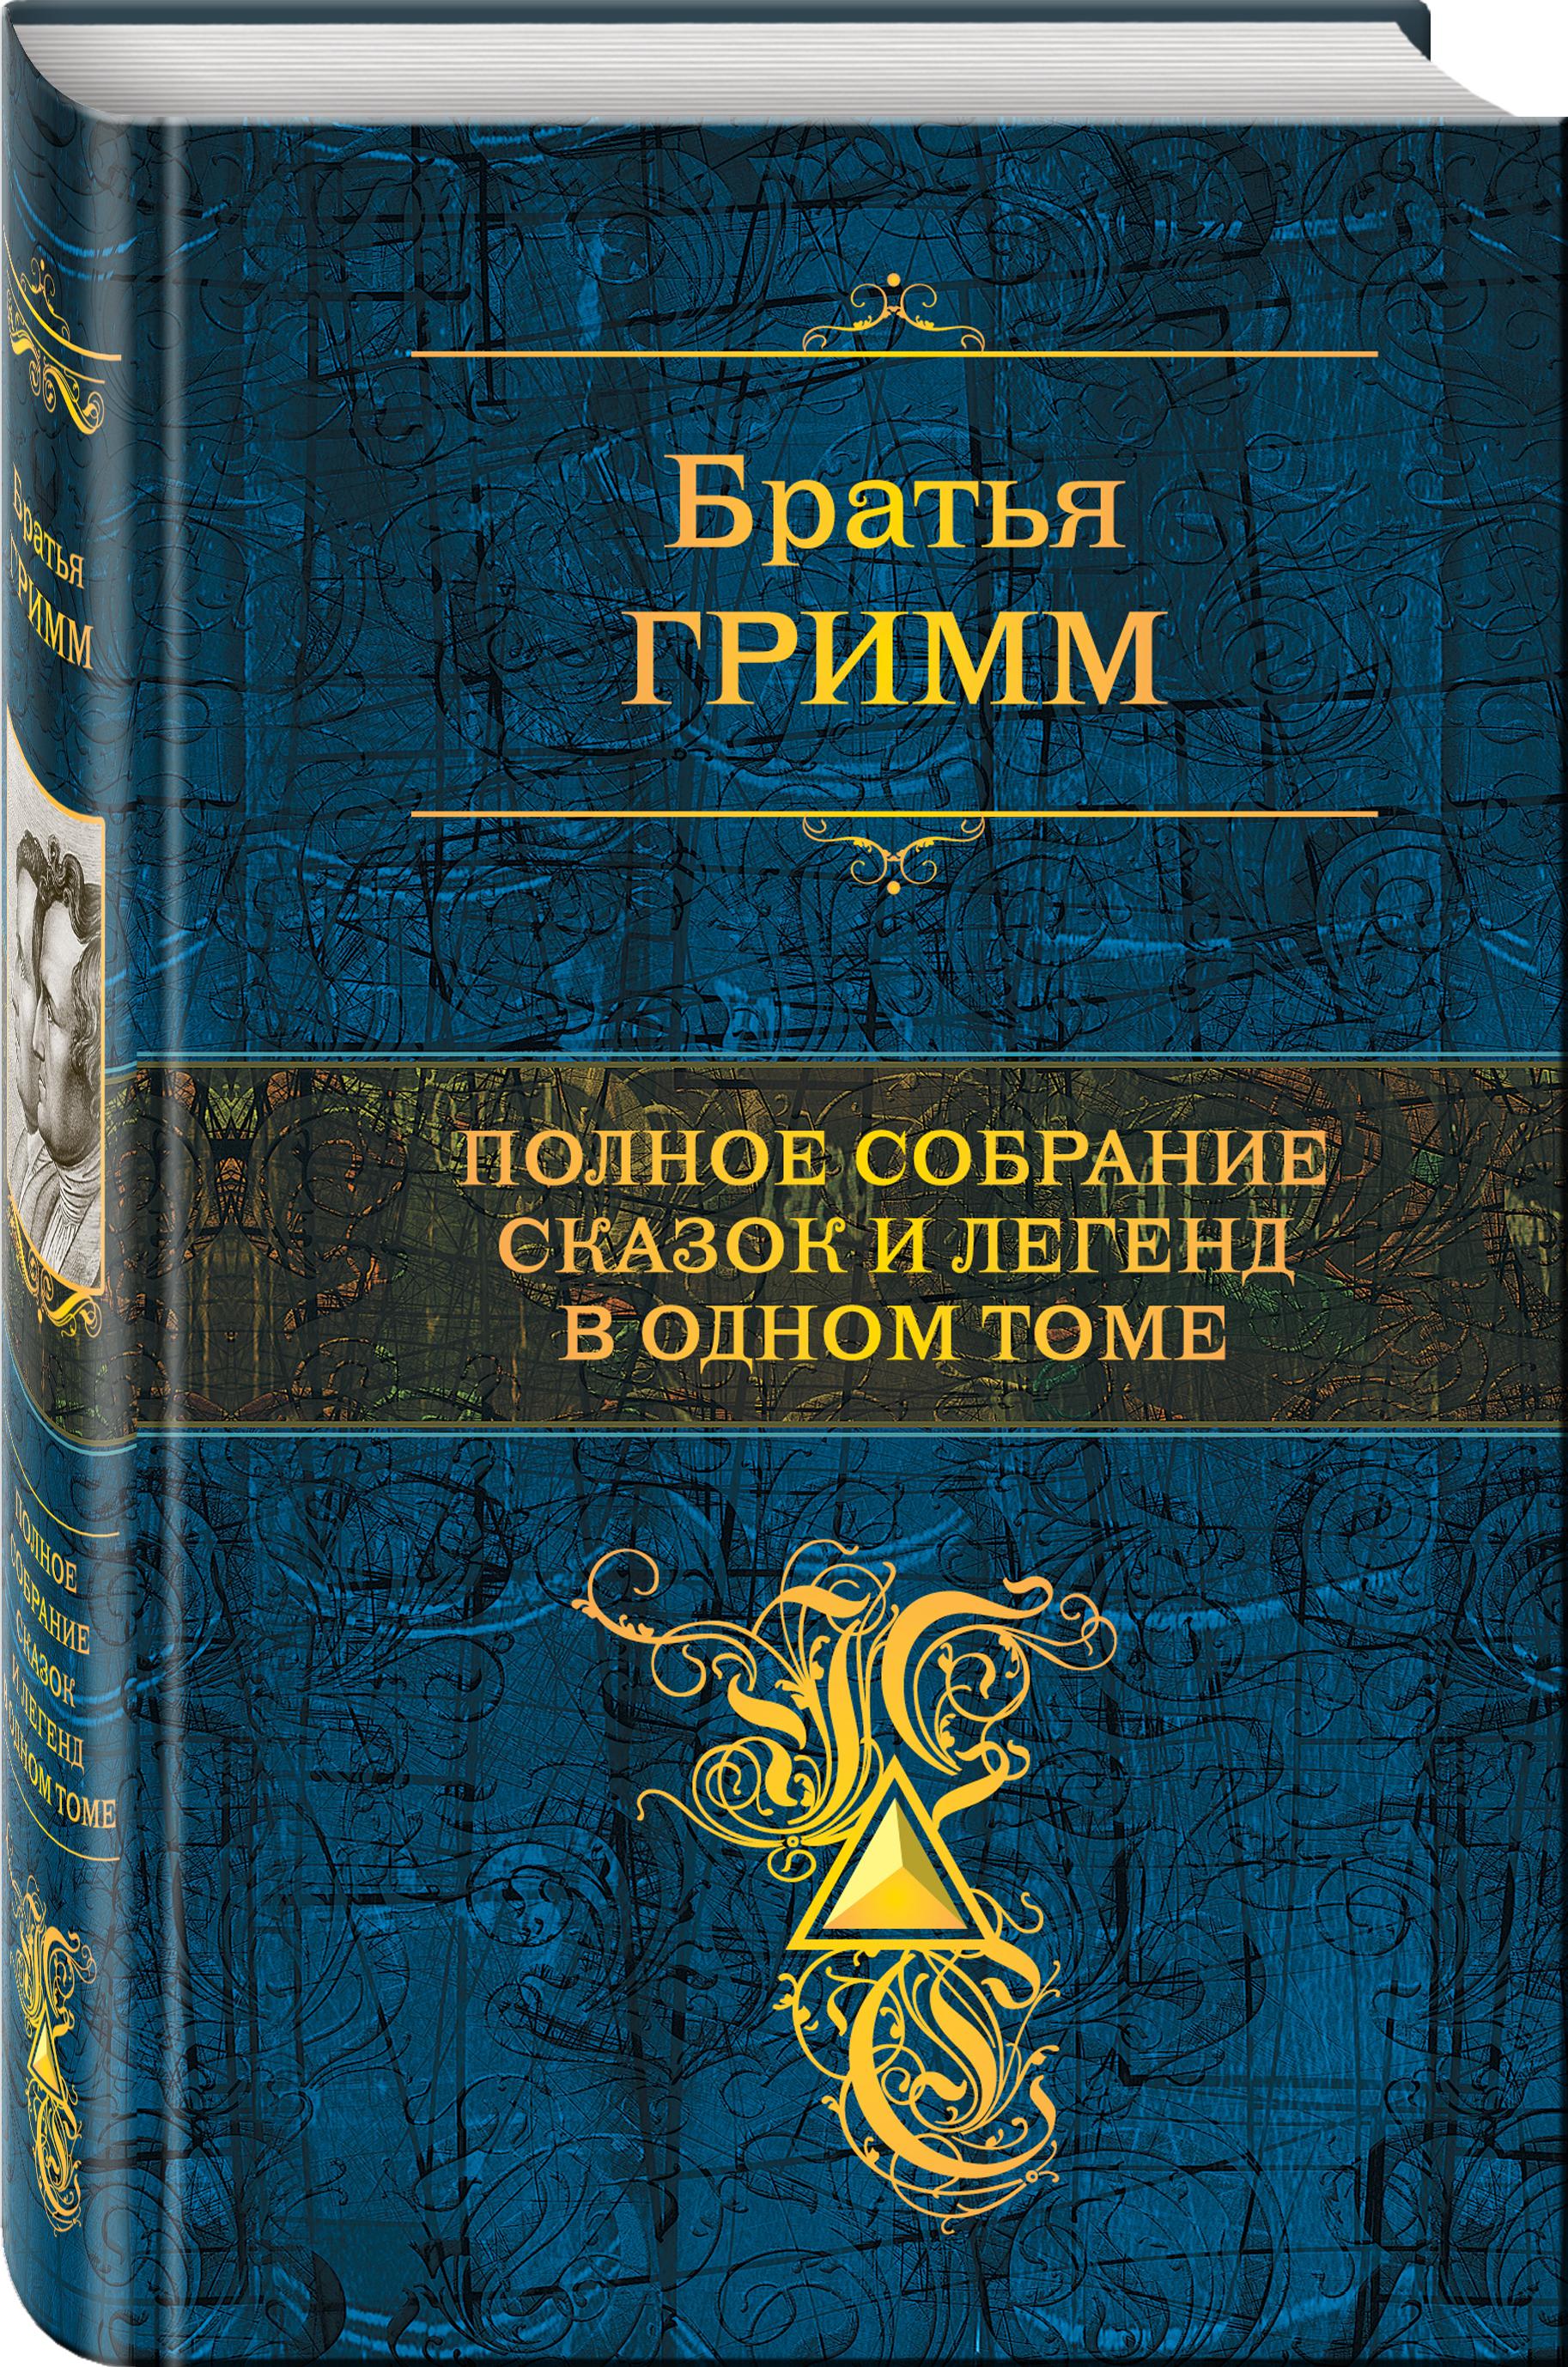 Братья Гримм Полное собрание сказок и легенд в одном томе принцесса бременские музыканты prostotoys